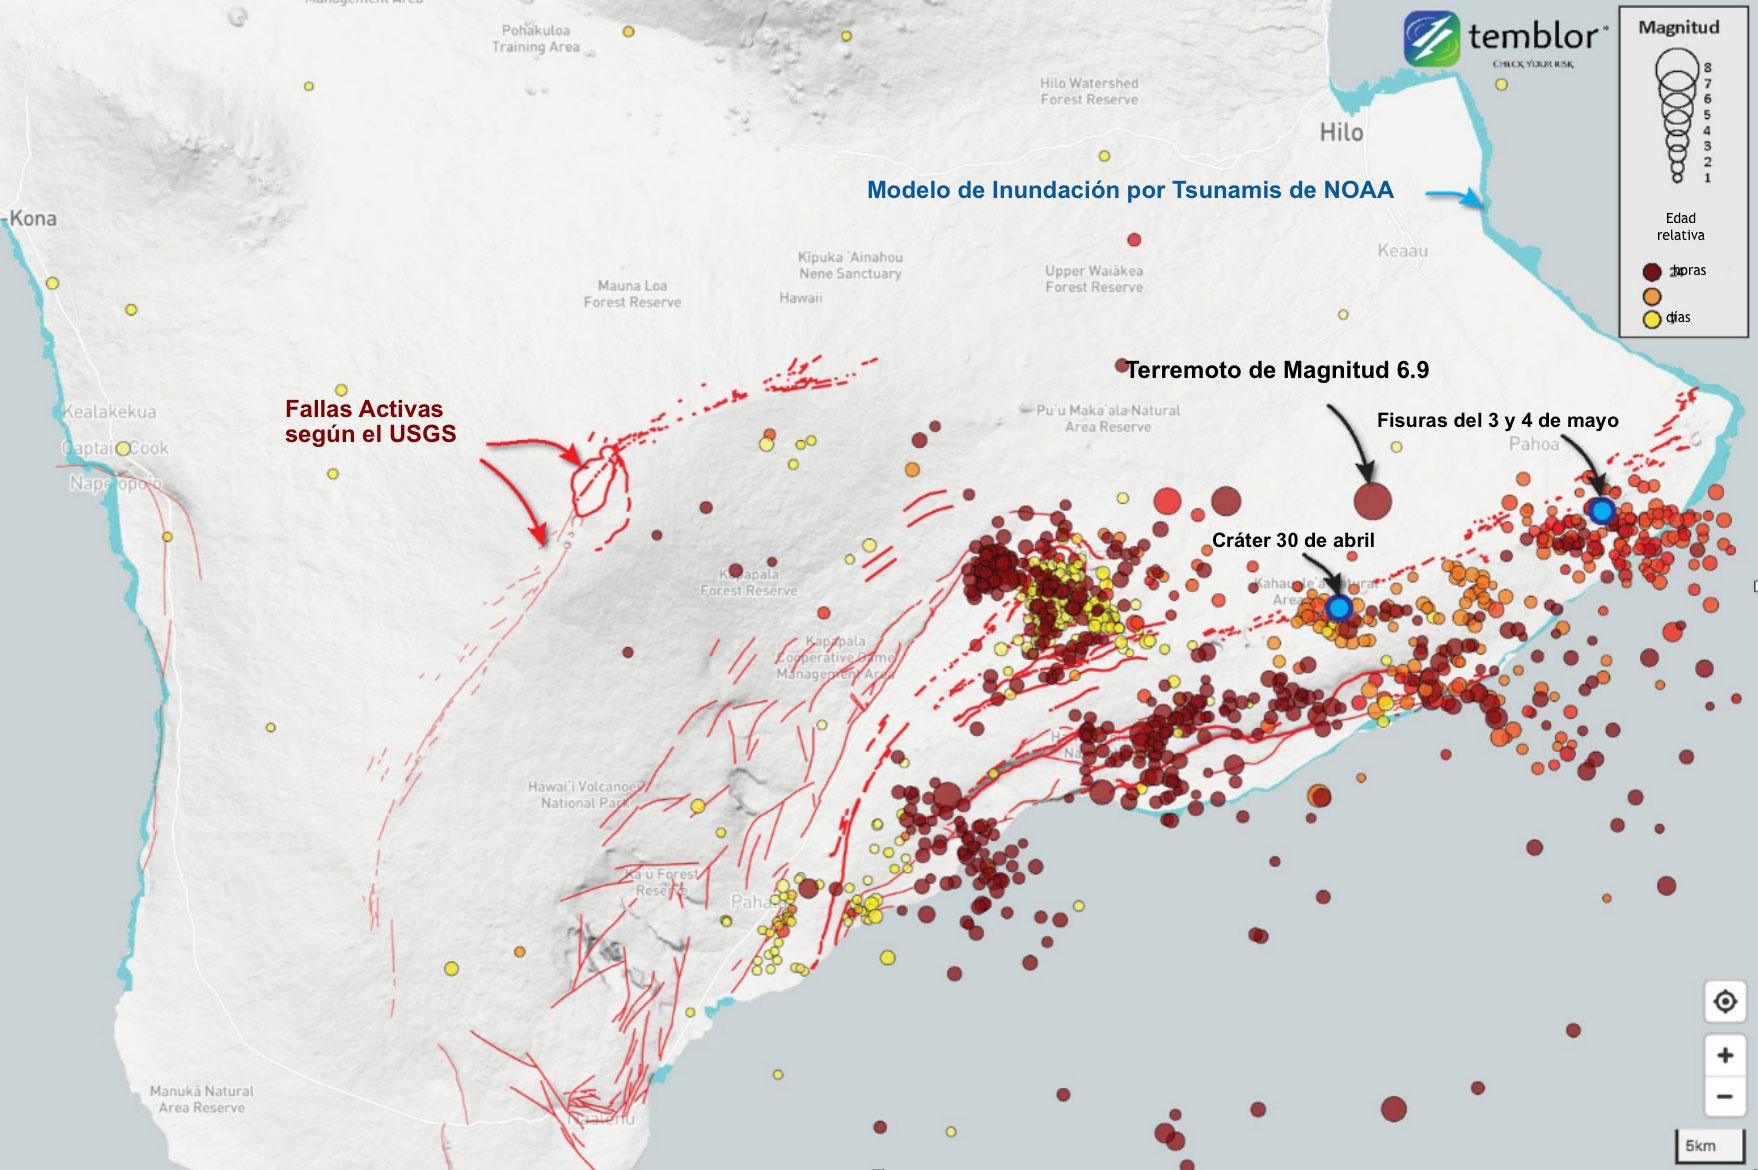 Este mapa de Temblor muestra terremotos, fallas y topografía sombreada.